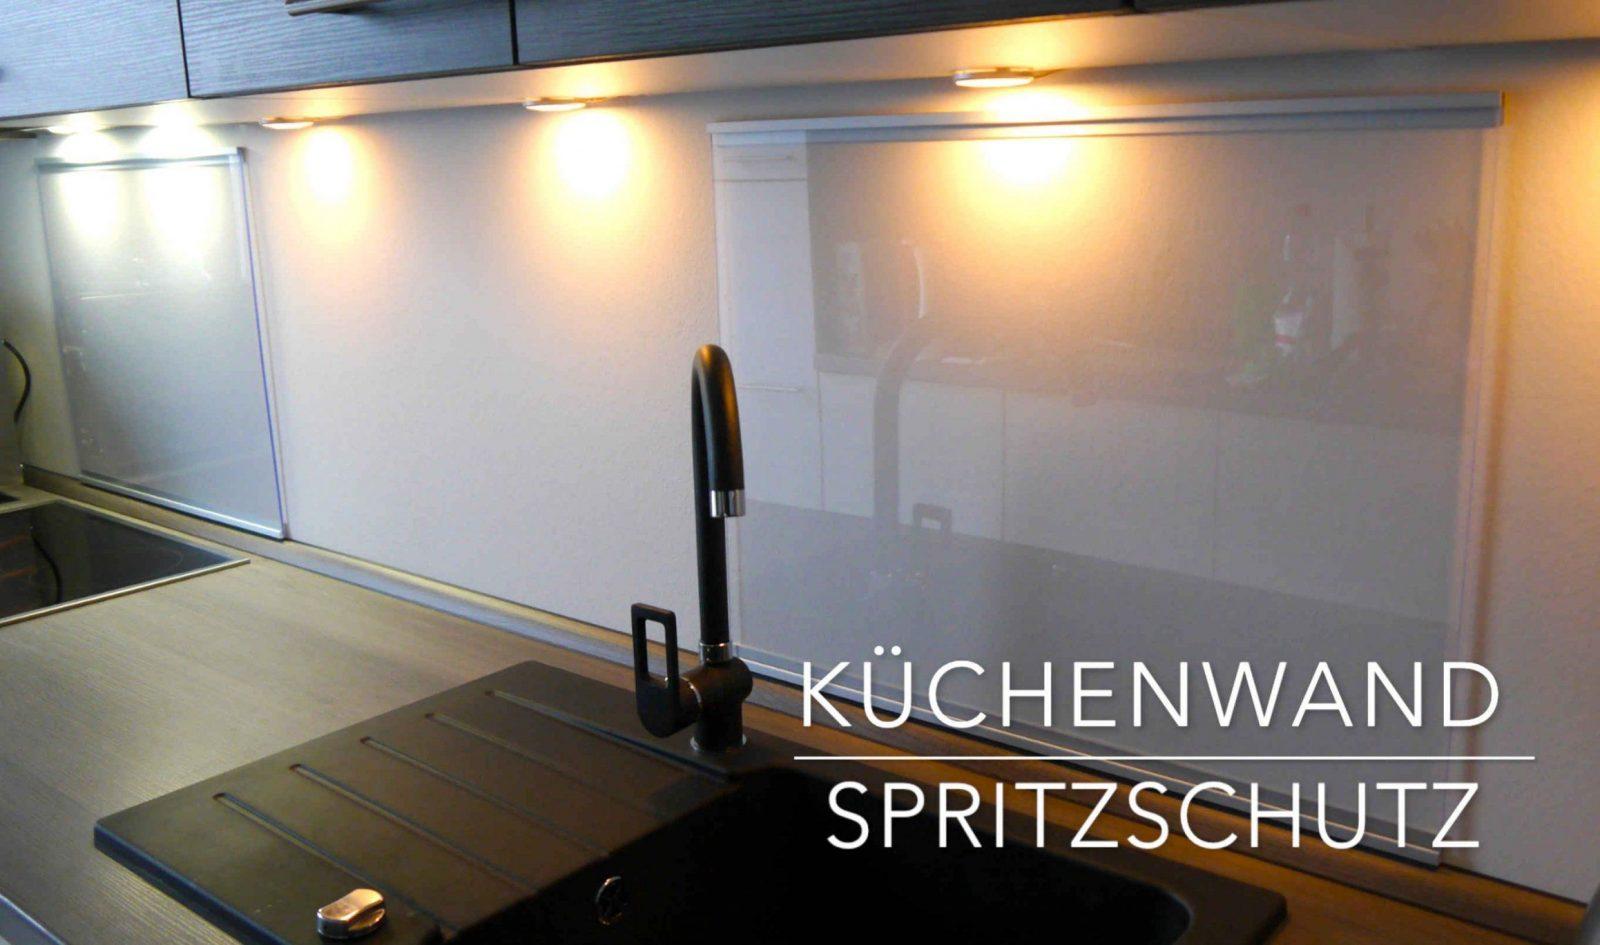 Küchen Wand Spritzschutz Aus Plexiglas  Selber Bauen  Anleitung von Plexiglas Beleuchtet An Der Wand Photo